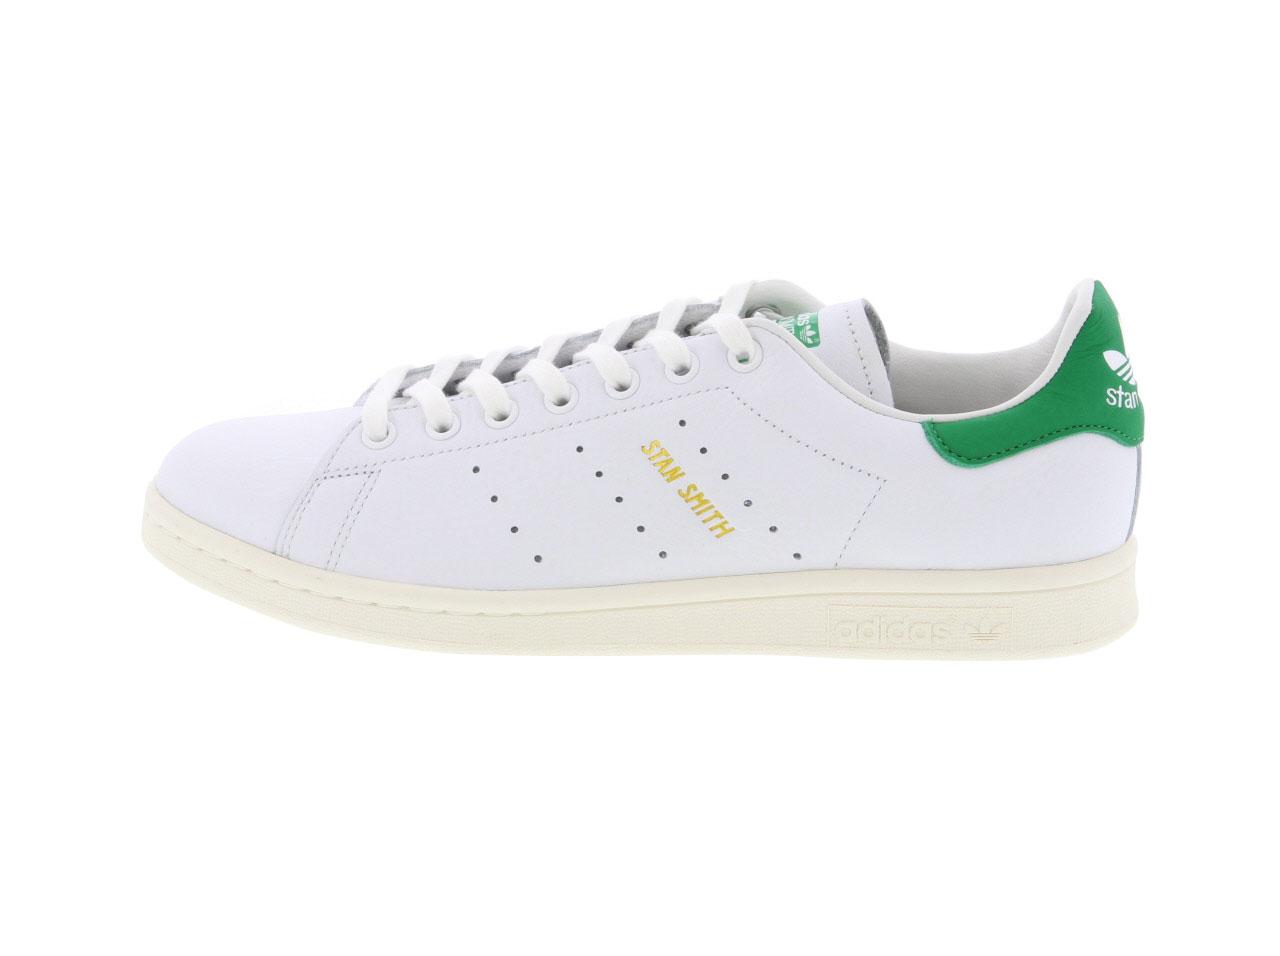 【全品ポイント10倍!期間限定★今すぐエントリー!(4/1~4/30)】【3/8発売】adidas STAN SMITH(EF7508)【アディダス】【メンズファッション】【スニーカー】【シューズ】【靴】【フットウェア】